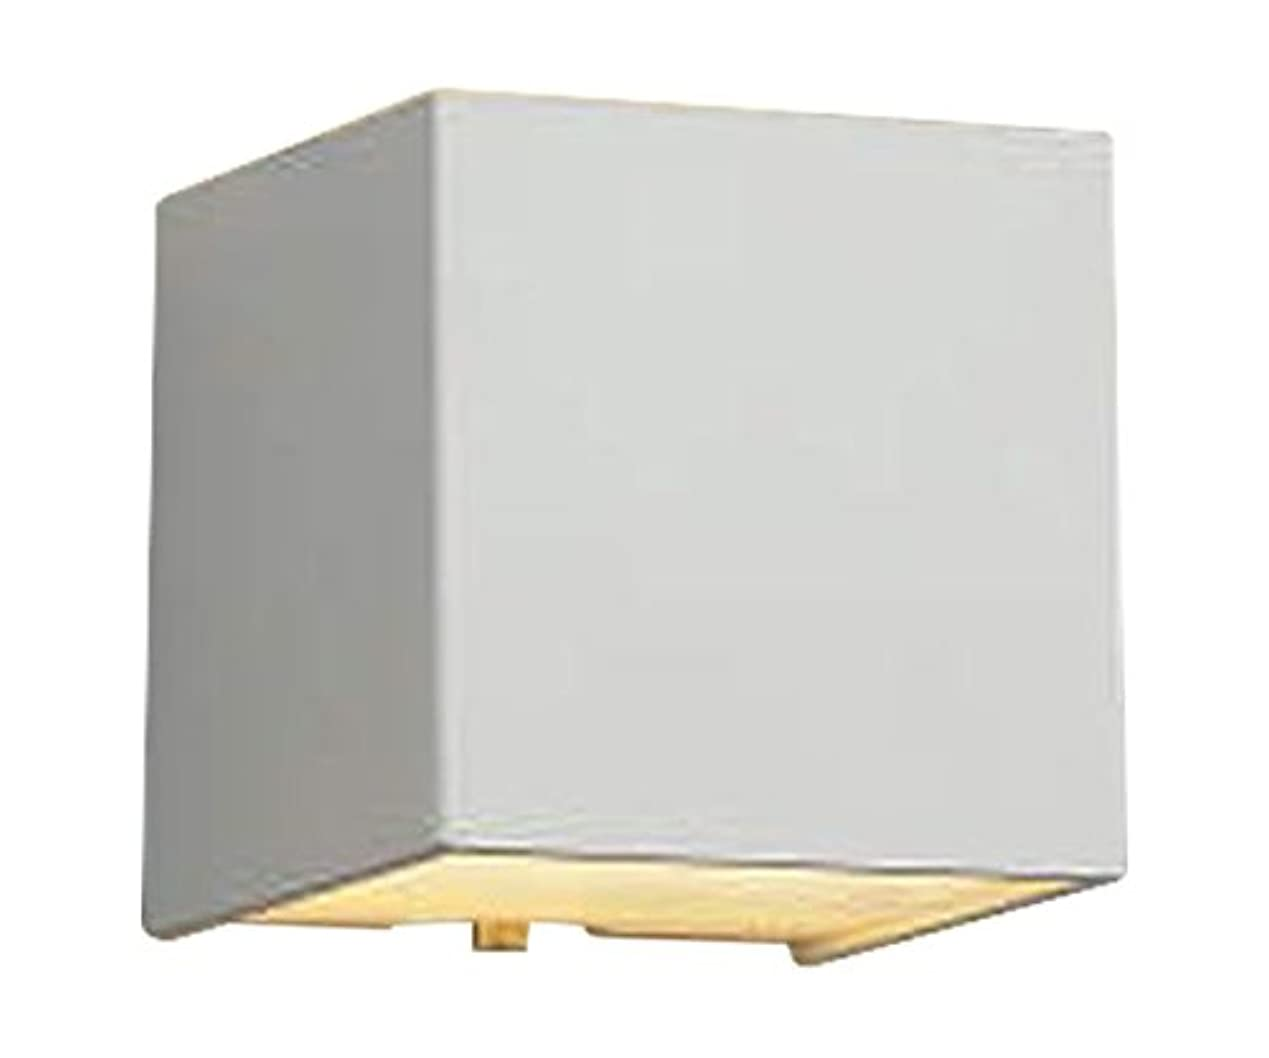 におい好きである非効率的なコイズミ照明 ブラケットライト コンパクトブラケット 調光タイプ 電球色 AB38332L